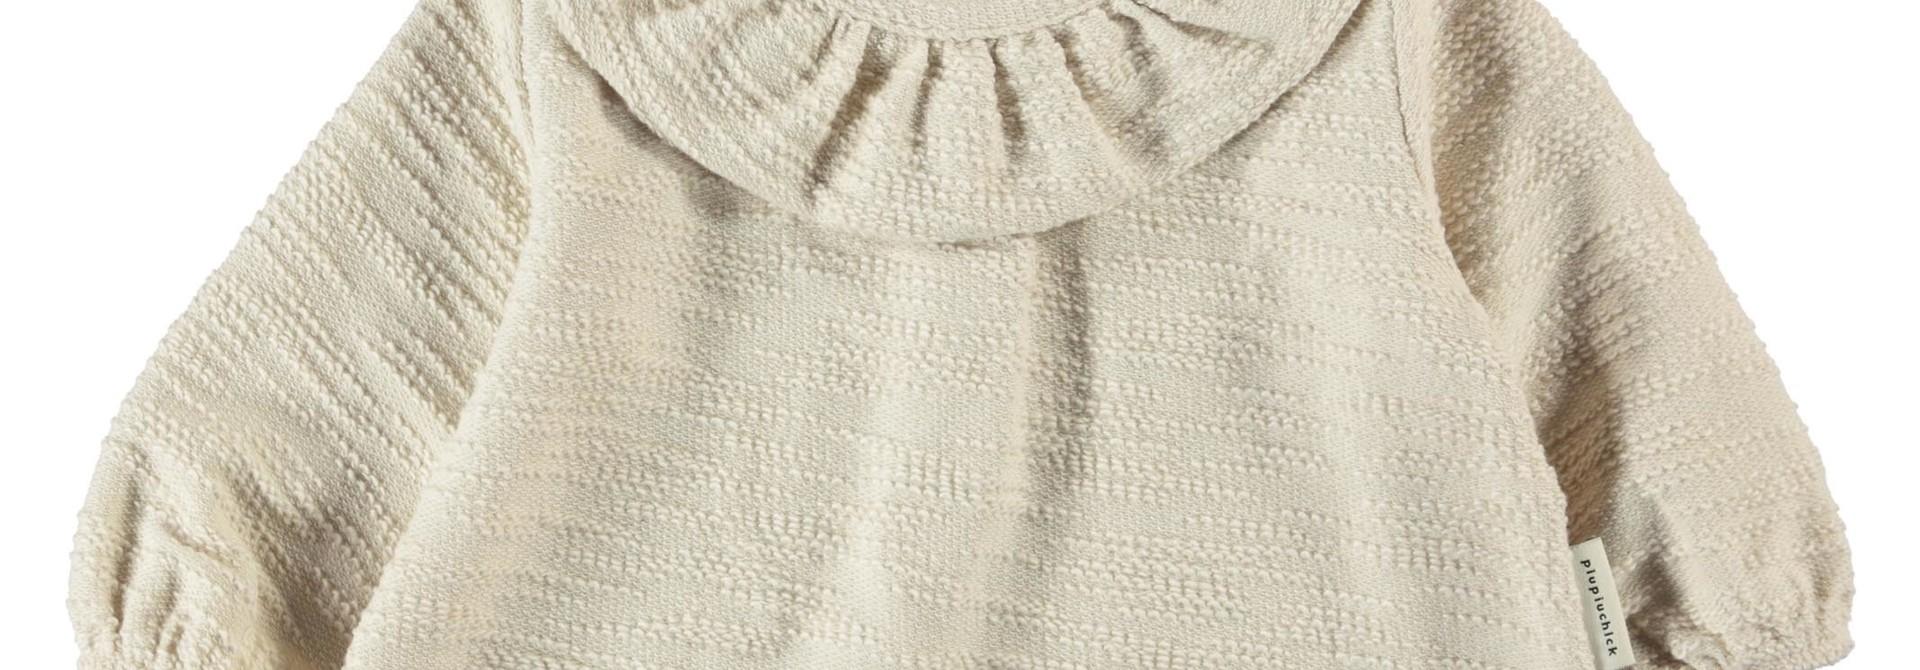 round collar blouse   ecru textured jersey